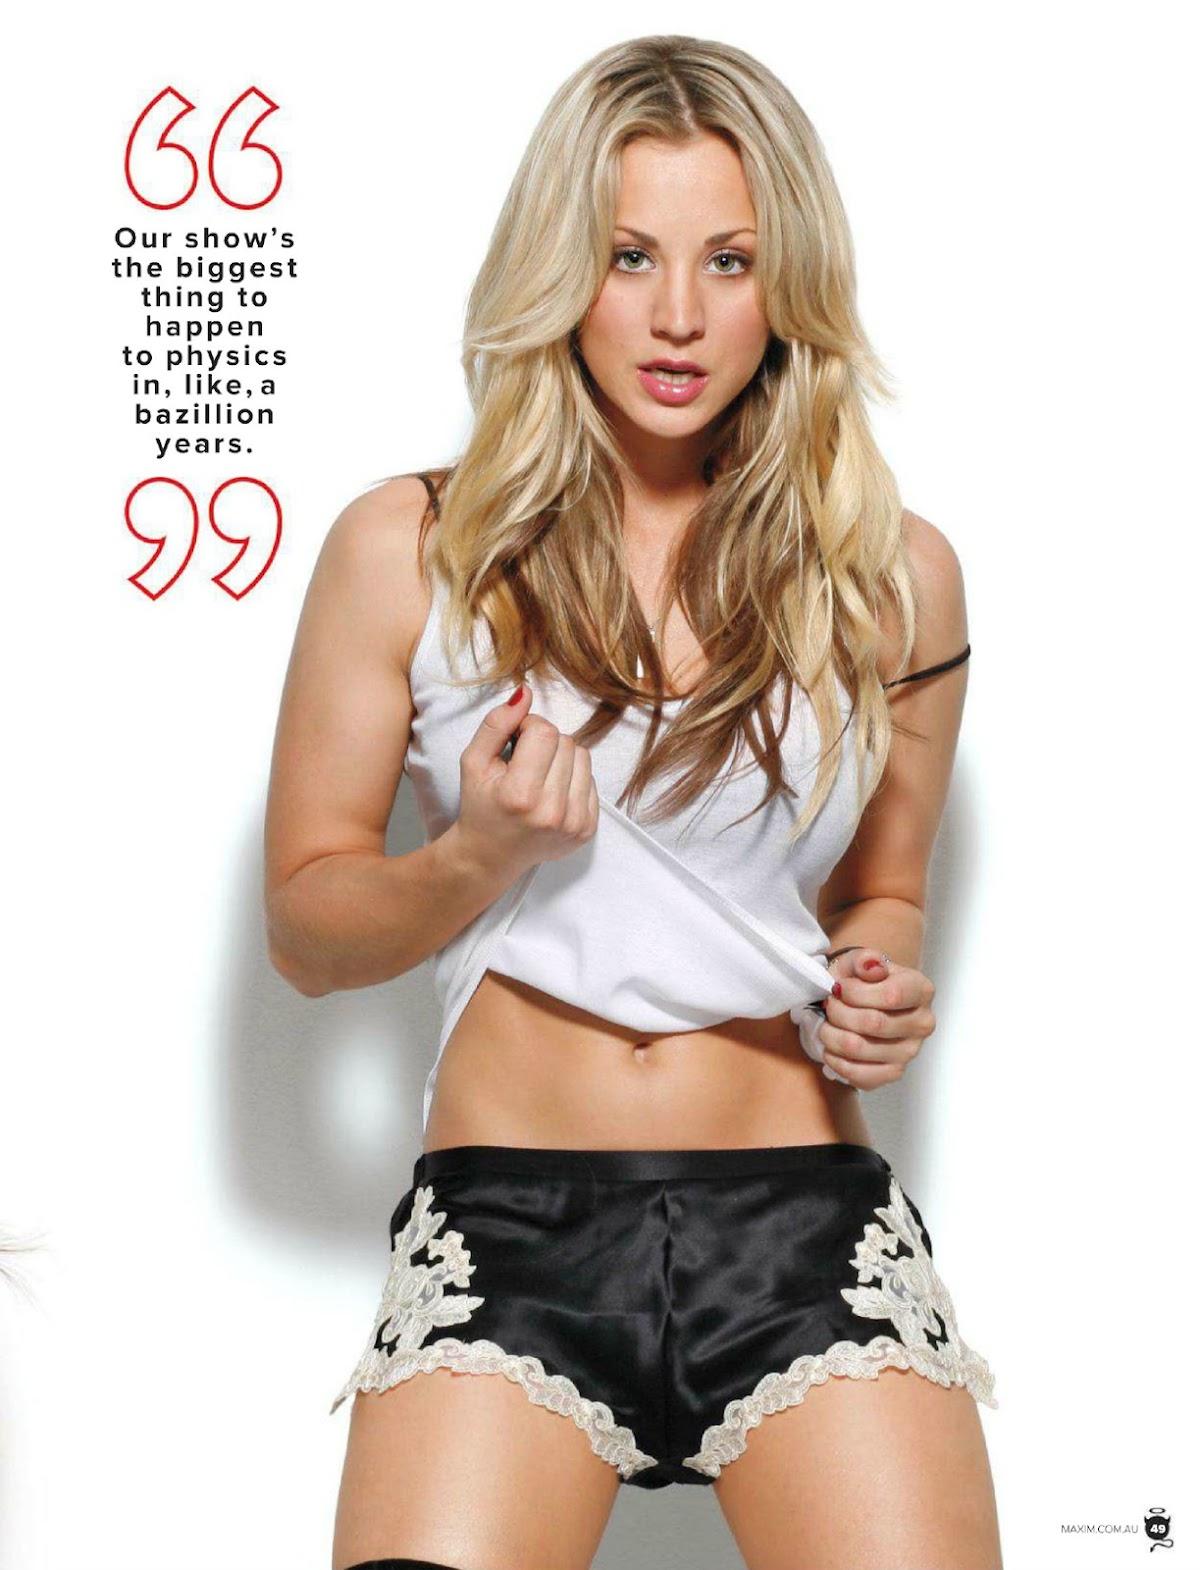 http://1.bp.blogspot.com/-RAwMfbyoY_Q/T-cWyKX_k4I/AAAAAAAAFFw/NecBSKooIdo/s1570/Kaley+Cuoco+-+Maxim+magazine+Australia+July+2012+02.jpg